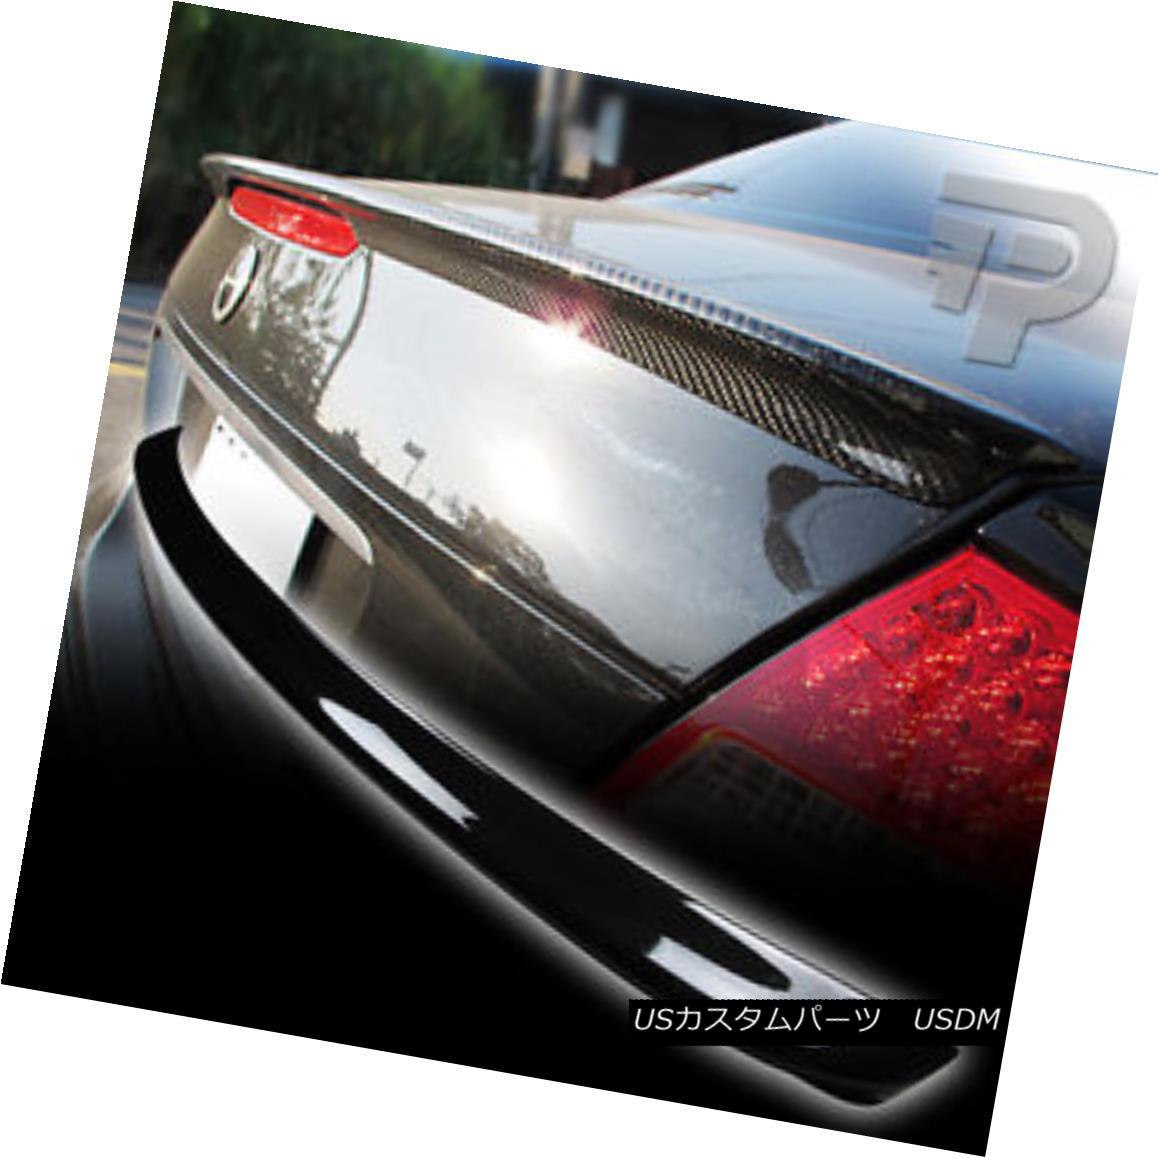 エアロパーツ PAINTED Mercedes BENZ W211 A TYPE REAR BOOT TRUNK SPOILER 08 ▼ 塗装されたメルセデスベンツW211タイプのリアブーツトランクスポイラー08?